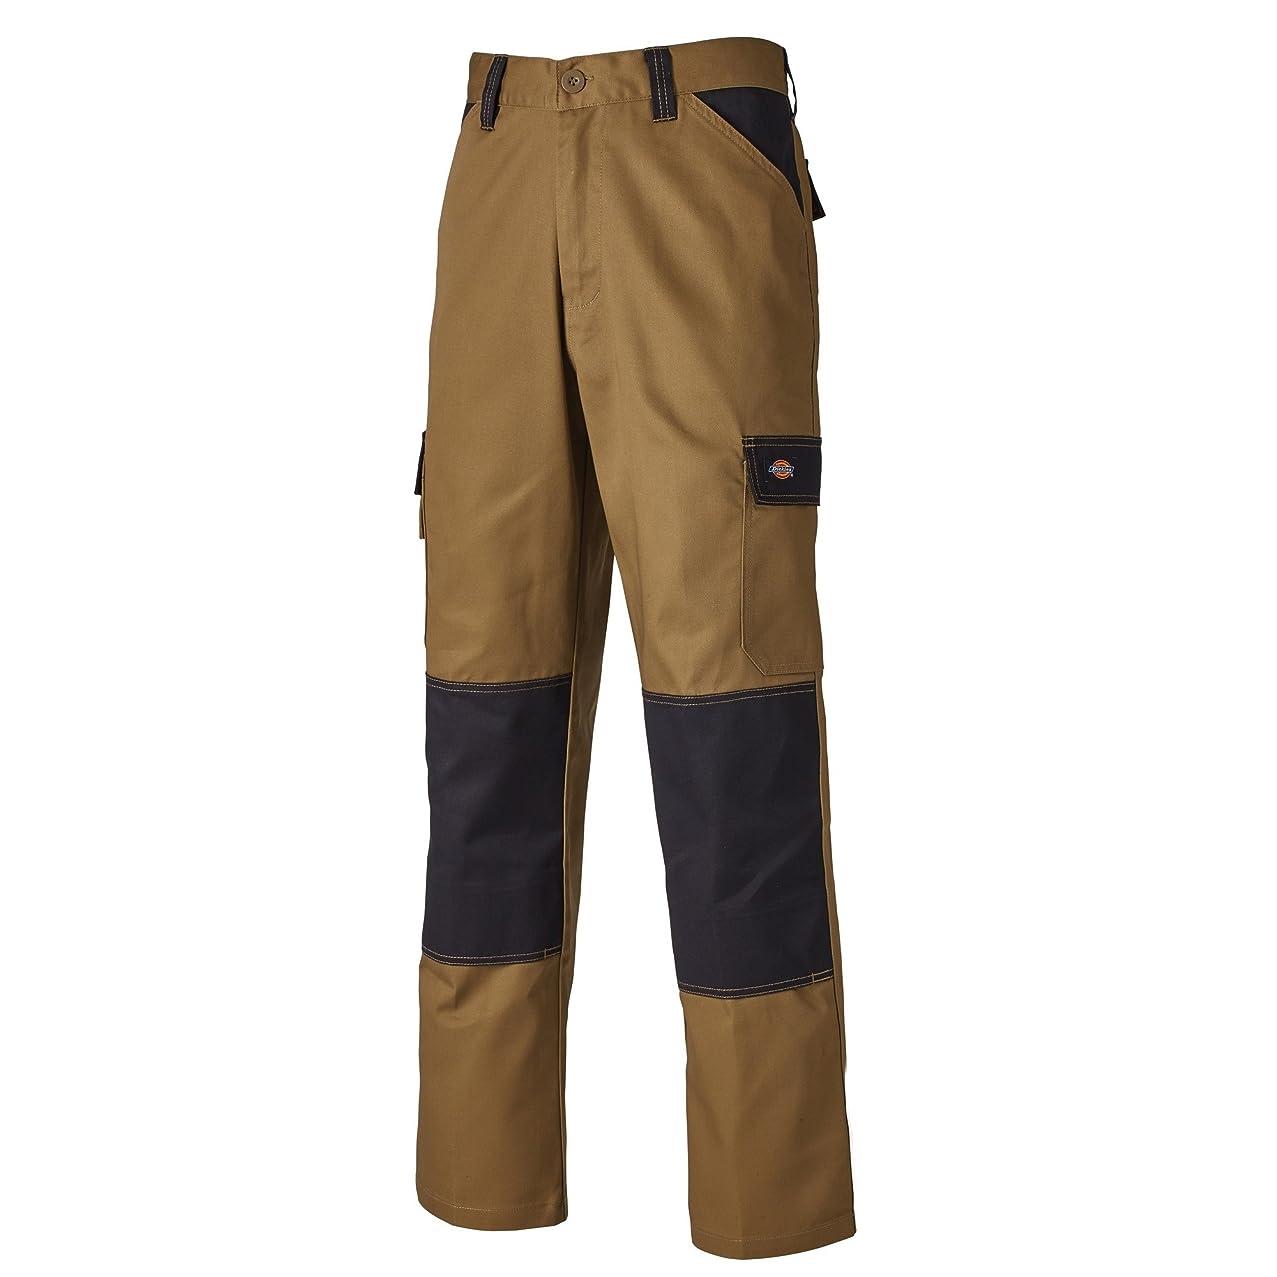 Dickies Mens Everyday Durable Cargo Pocket Work Pants